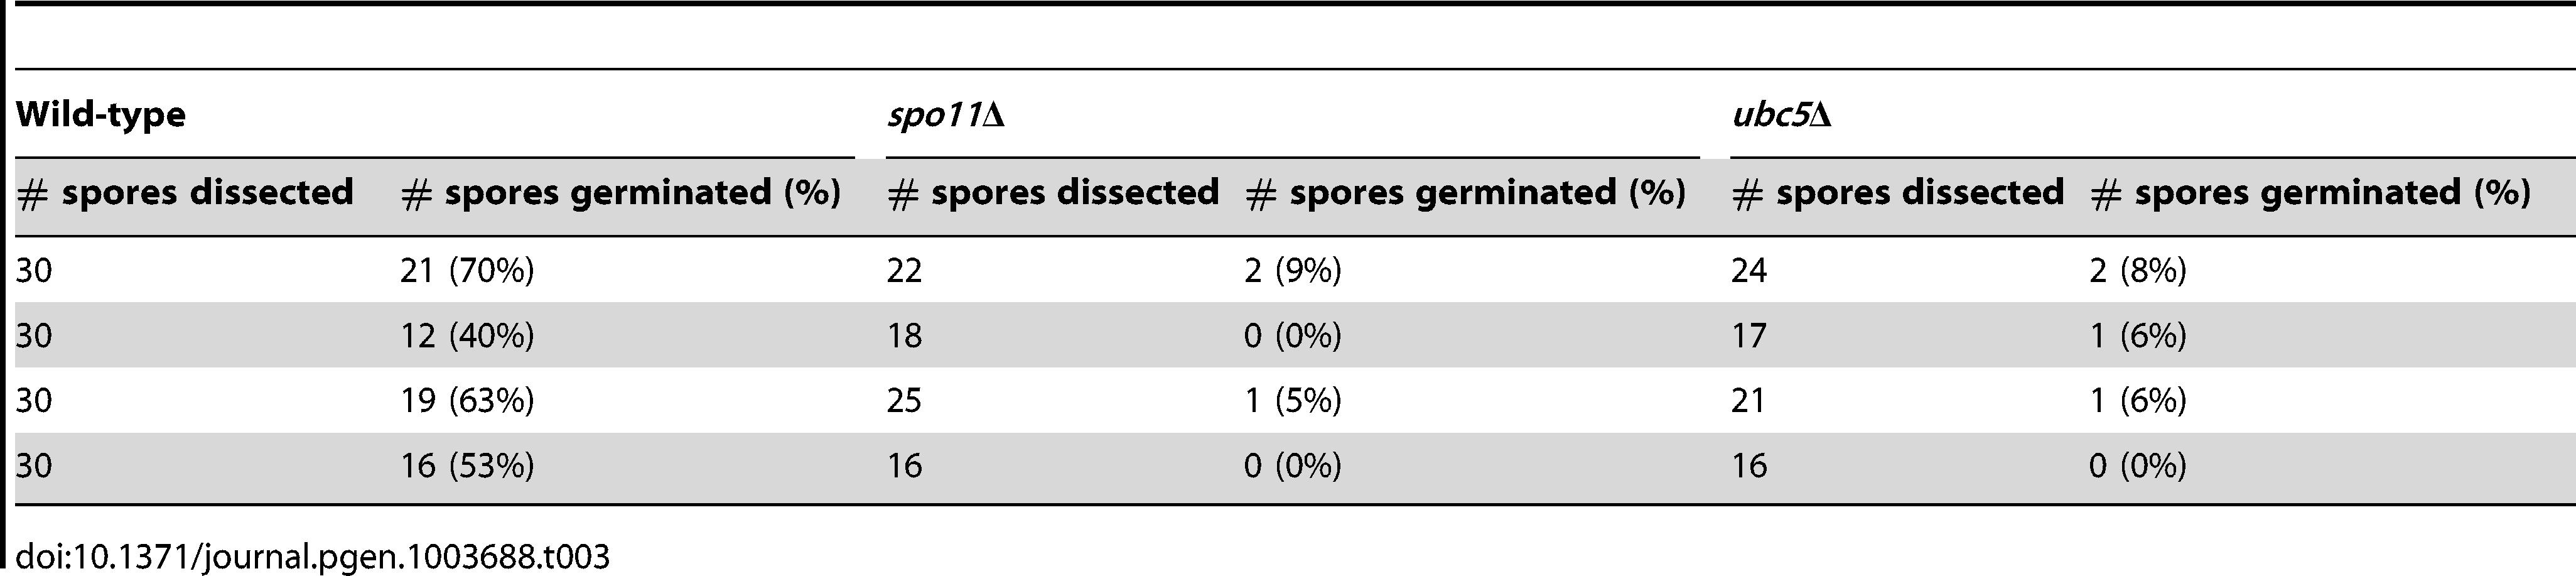 Viability of wild type, <i>spo11</i>Δ, and <i>ubc5</i>Δ unisexual reproduction progeny.